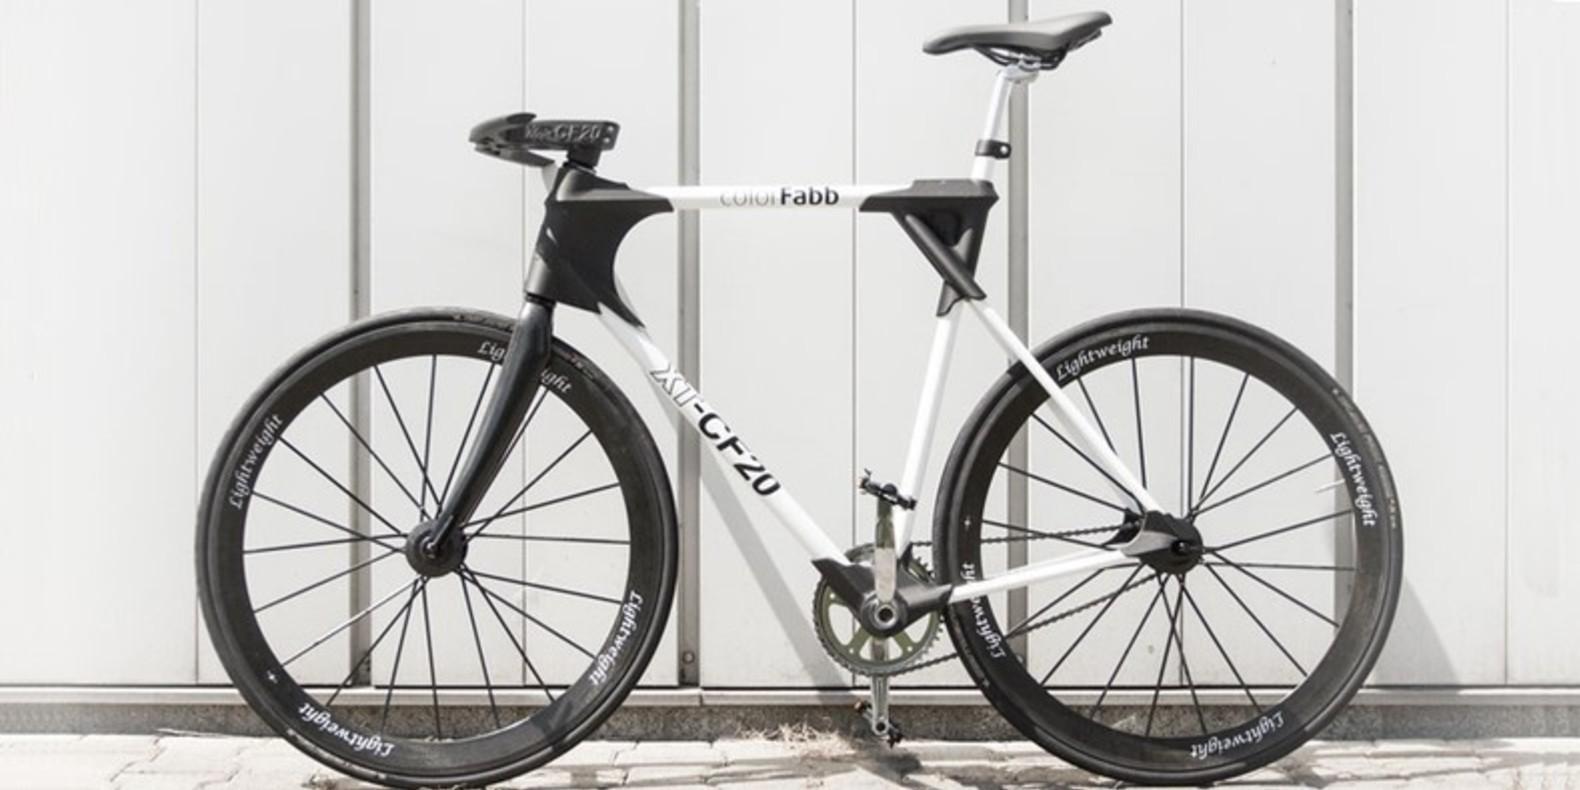 Encuentre aquí una selección de los mejores modelos 3D de Bicicleta para hacer con una impresora 3D